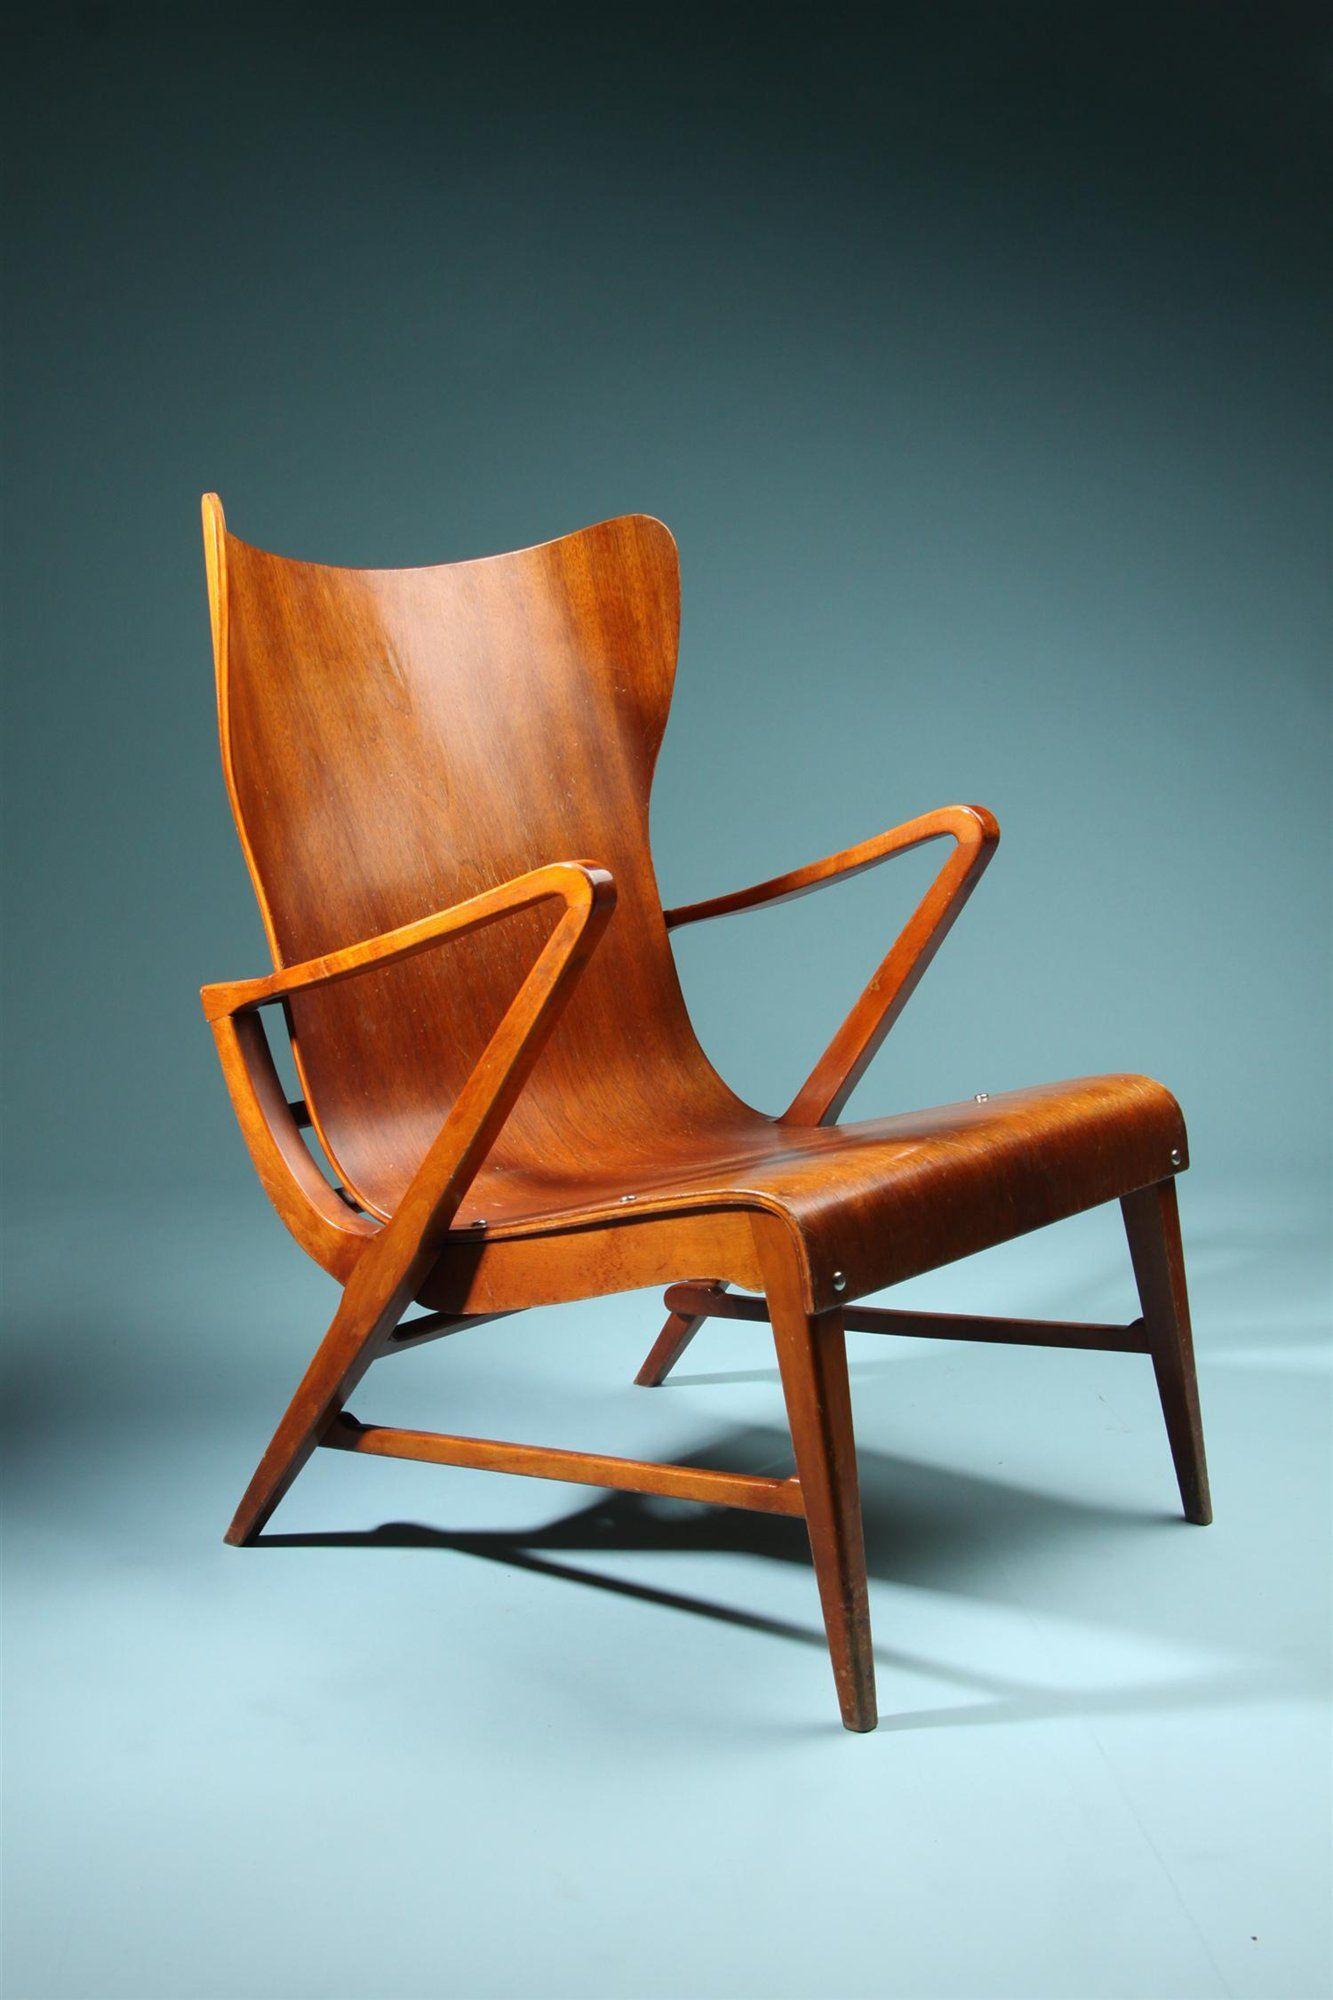 Design Meubelen Jaren 50.Fint Hus De Mooiste Deense Vintage Meubels Uit De Jaren 50